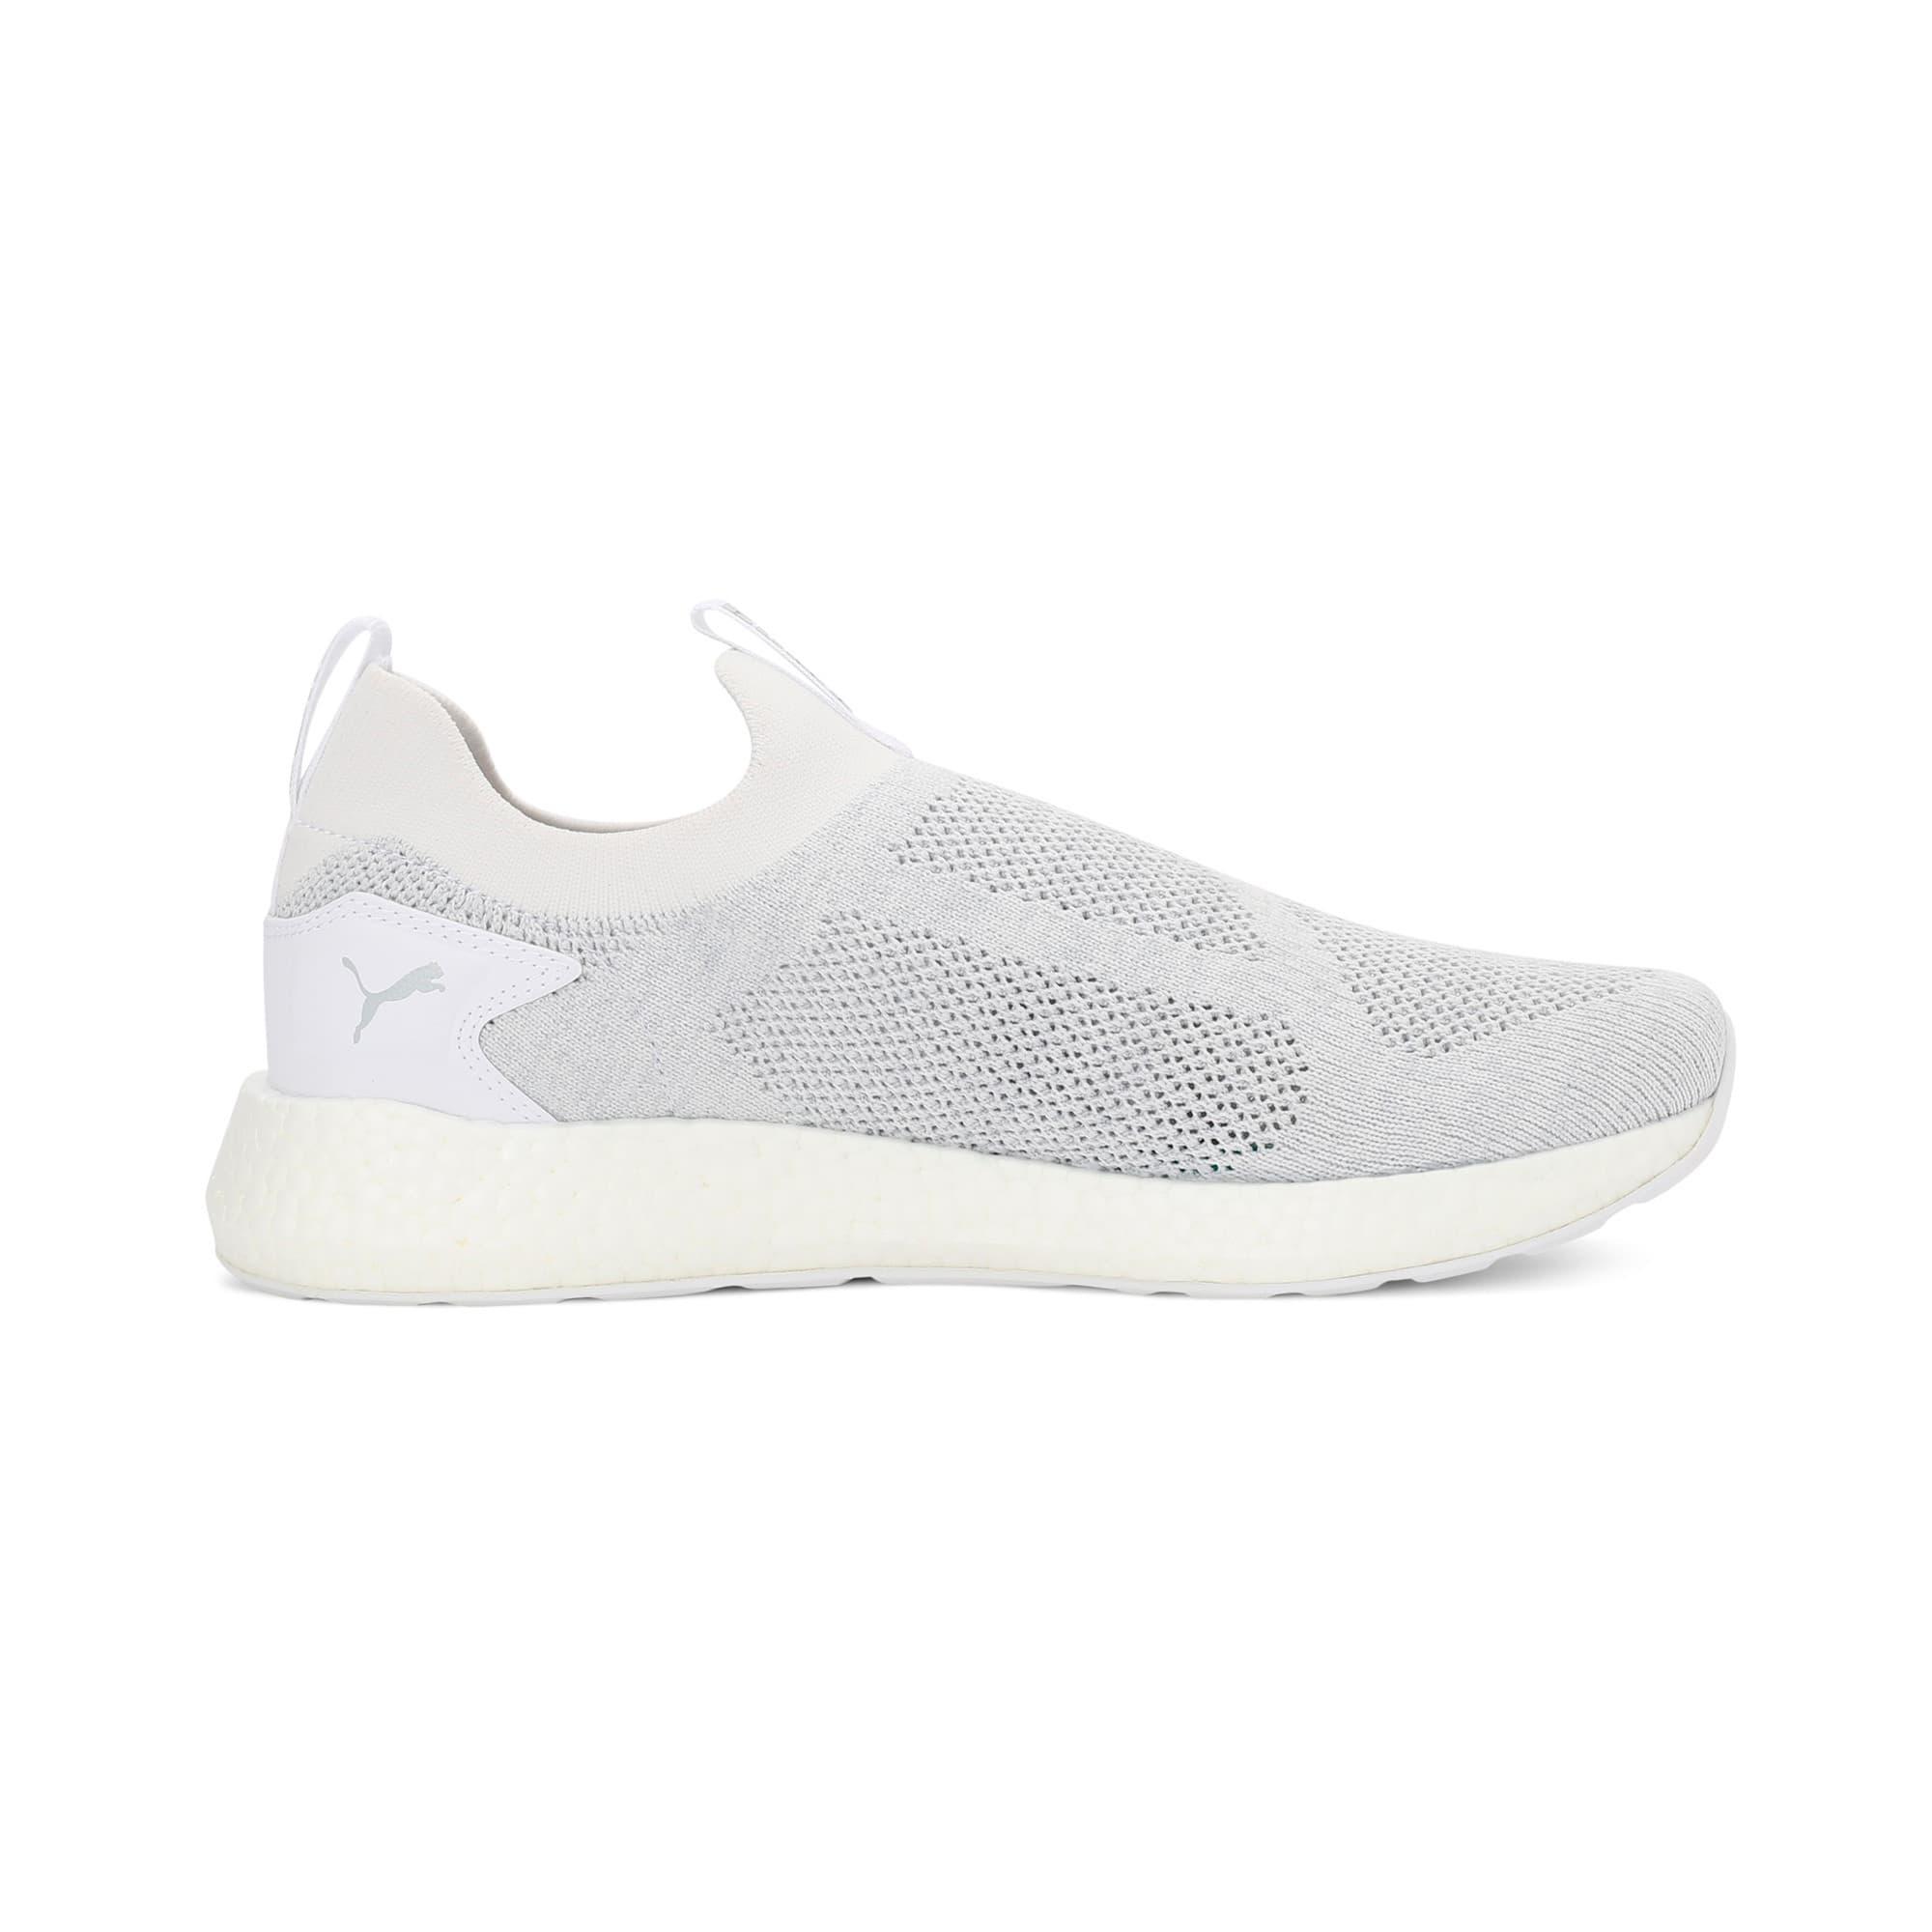 Thumbnail 5 of NRGY Neko Slip-On one8 Unisex Running Shoes, Puma White-Glacier Gray, medium-IND